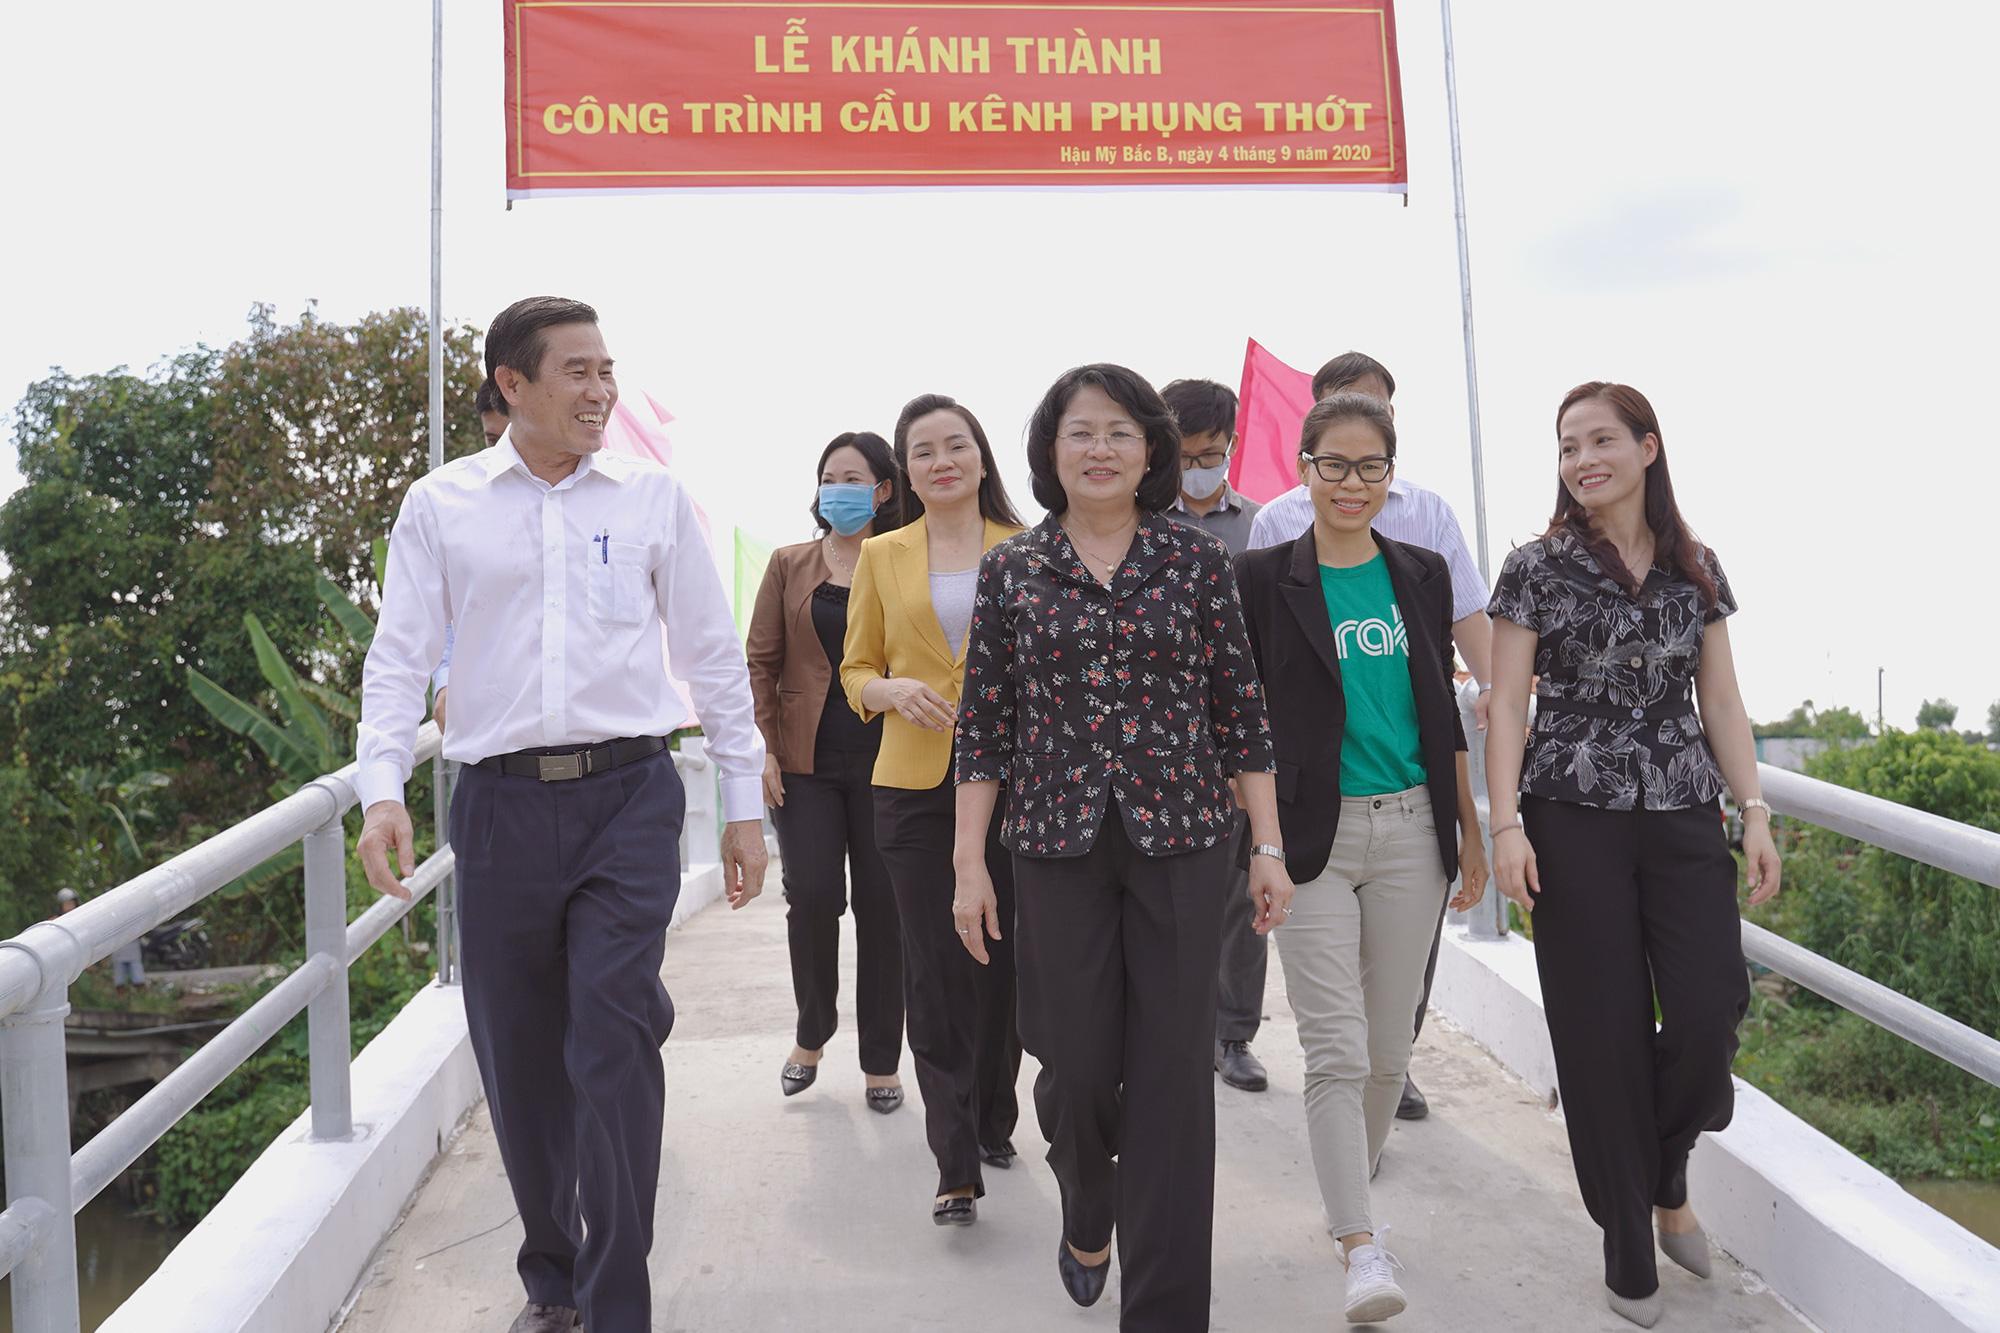 Grab khánh thành, bàn giao công trình cầu kênh Phụng Thớt trị giá hơn 1,1 tỉ đồng tại Tiền Giang